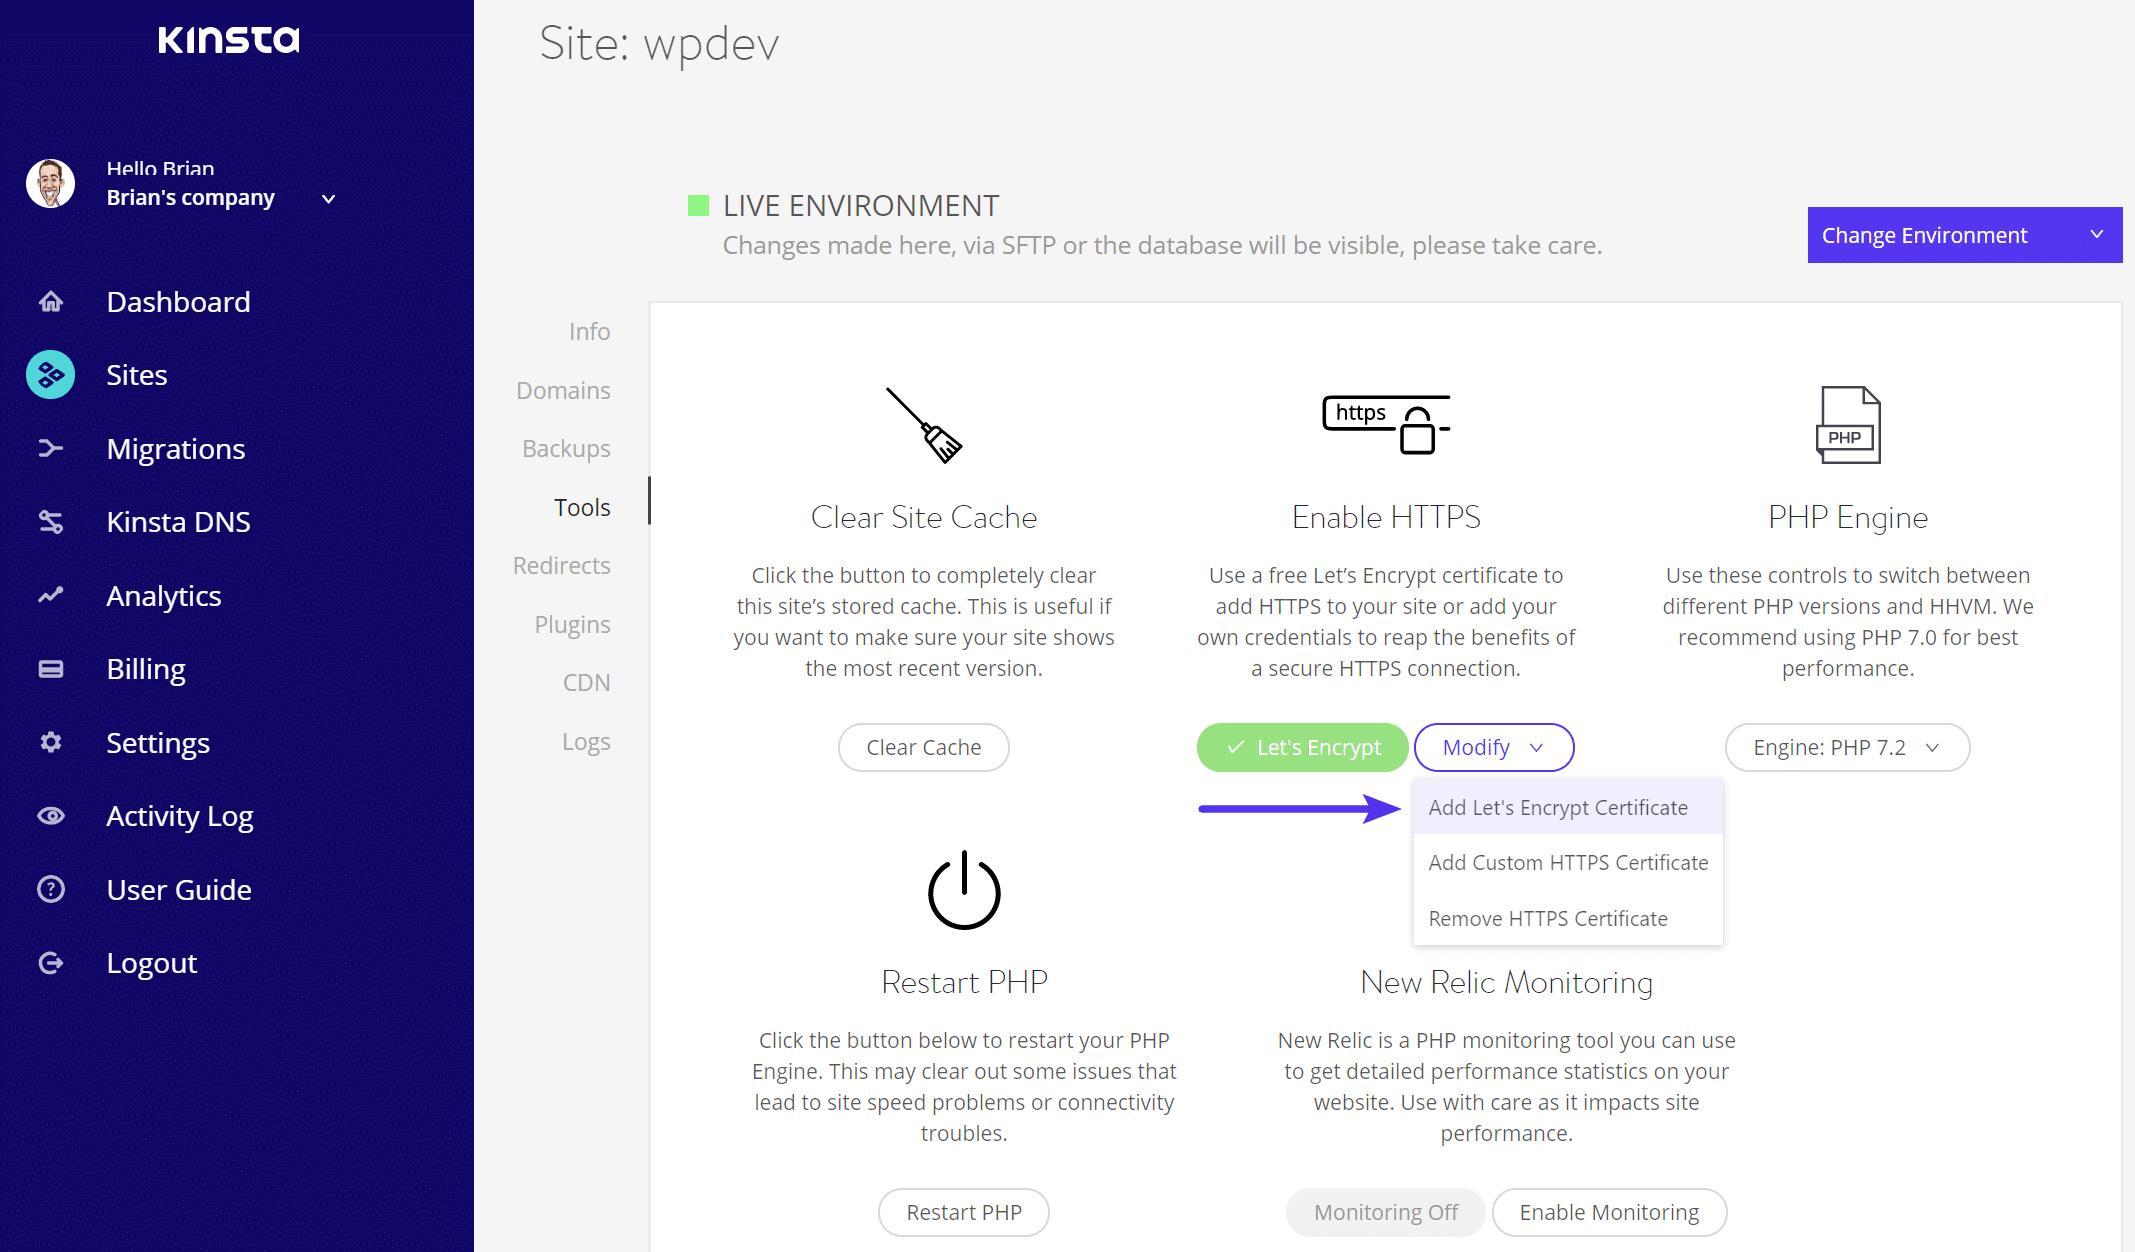 Añadir certificado SSL gratuito al sitio de WordPress